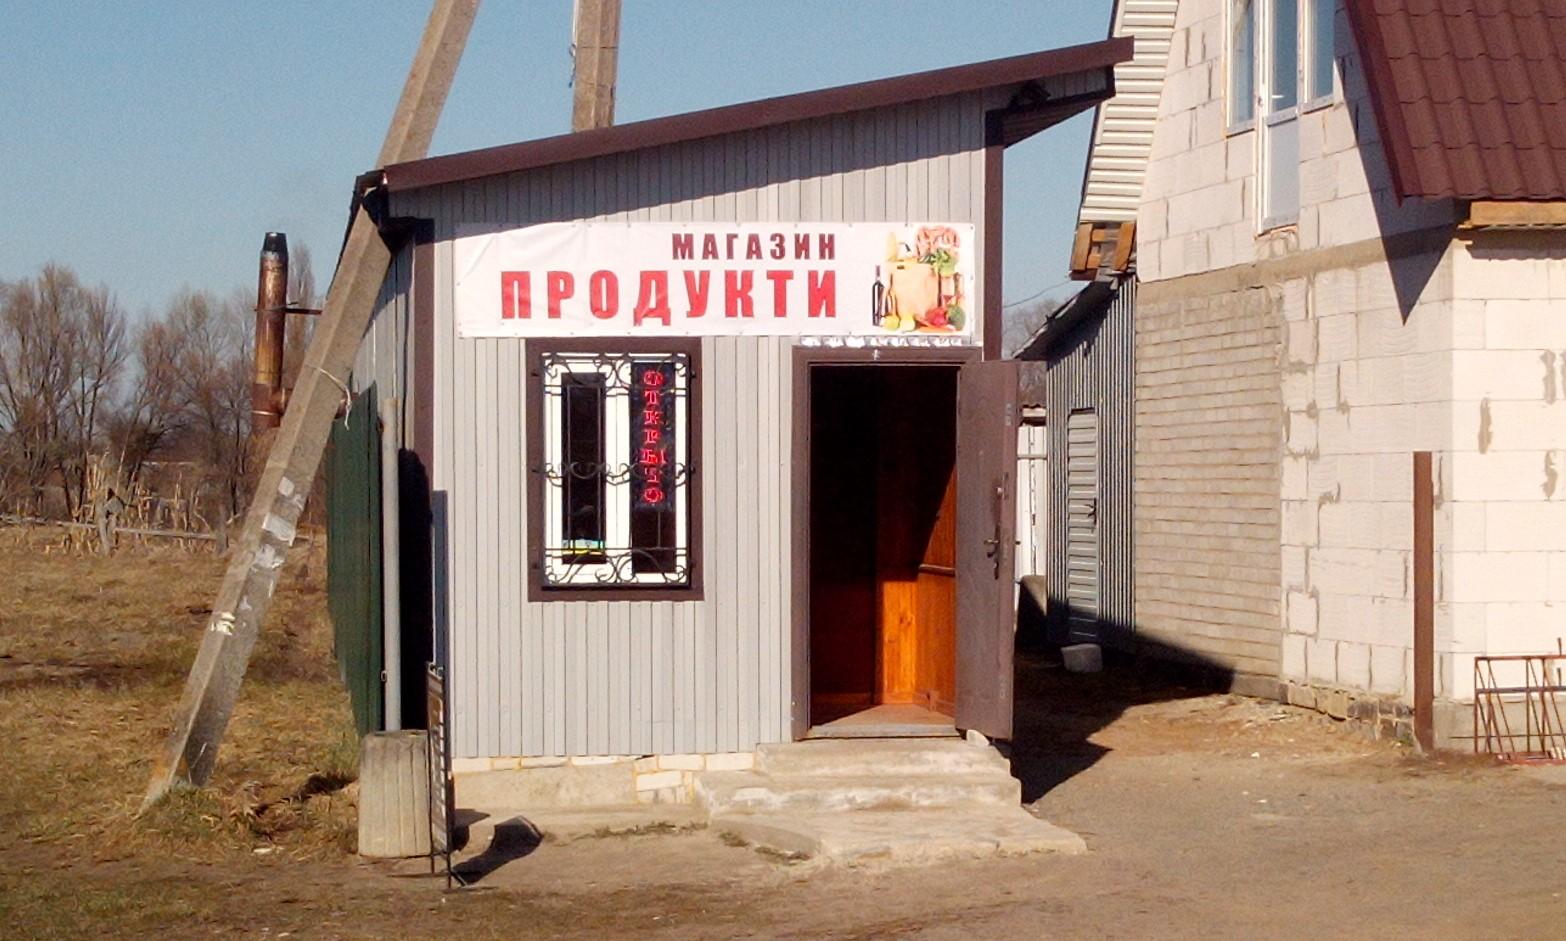 Розробка і друк банера для магазину ПРОДУКТИ в Брусилові